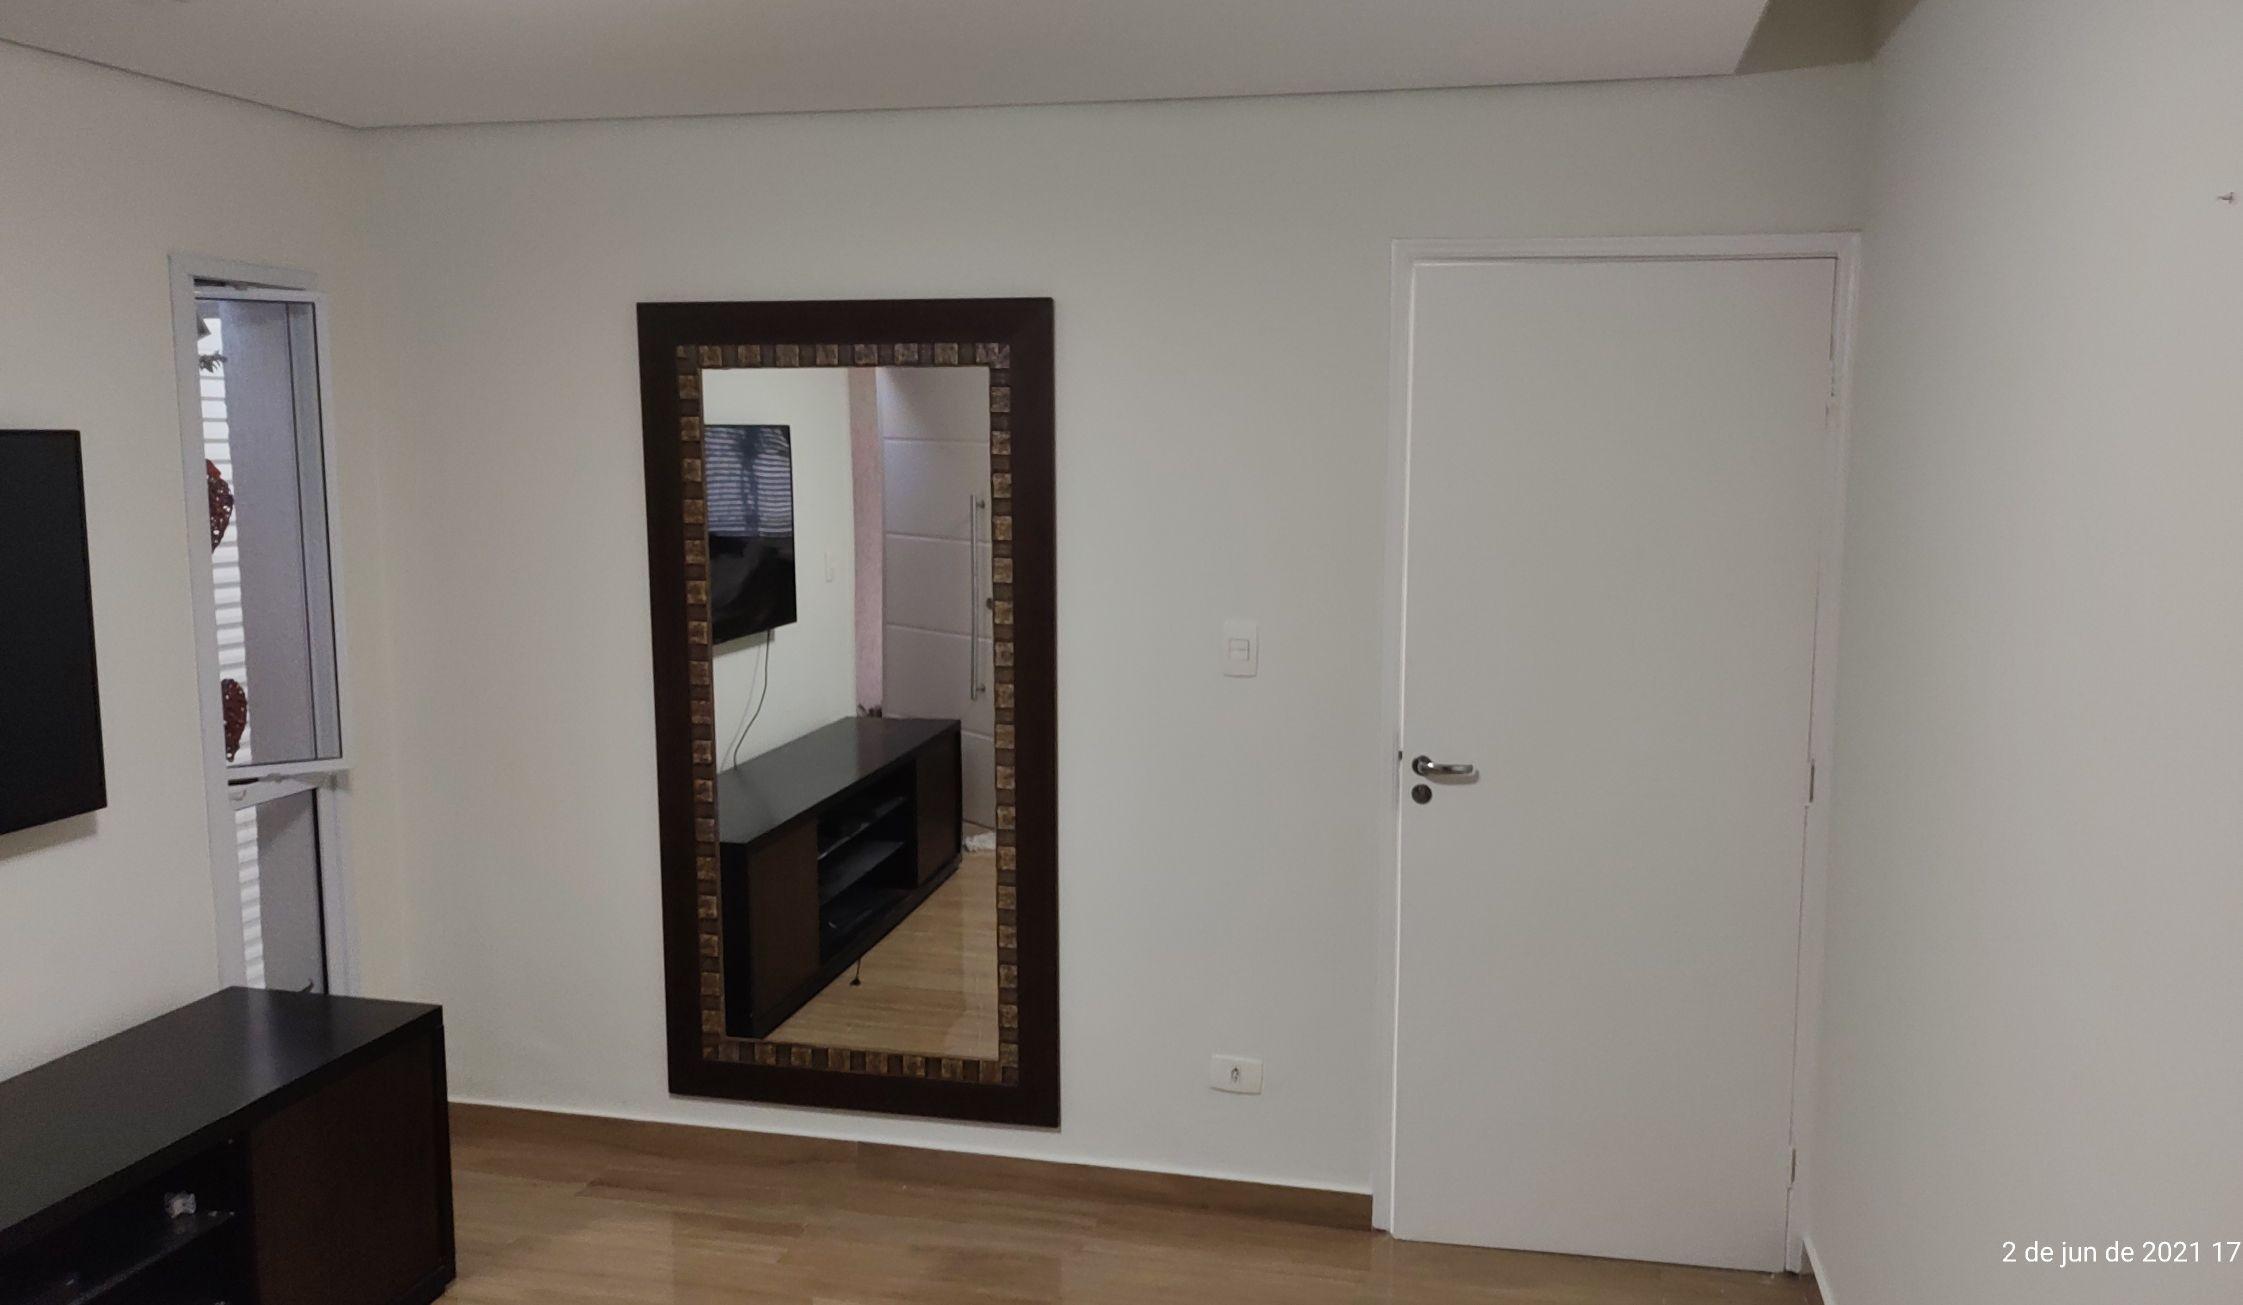 Pintura geral da sala e porta de madeira.